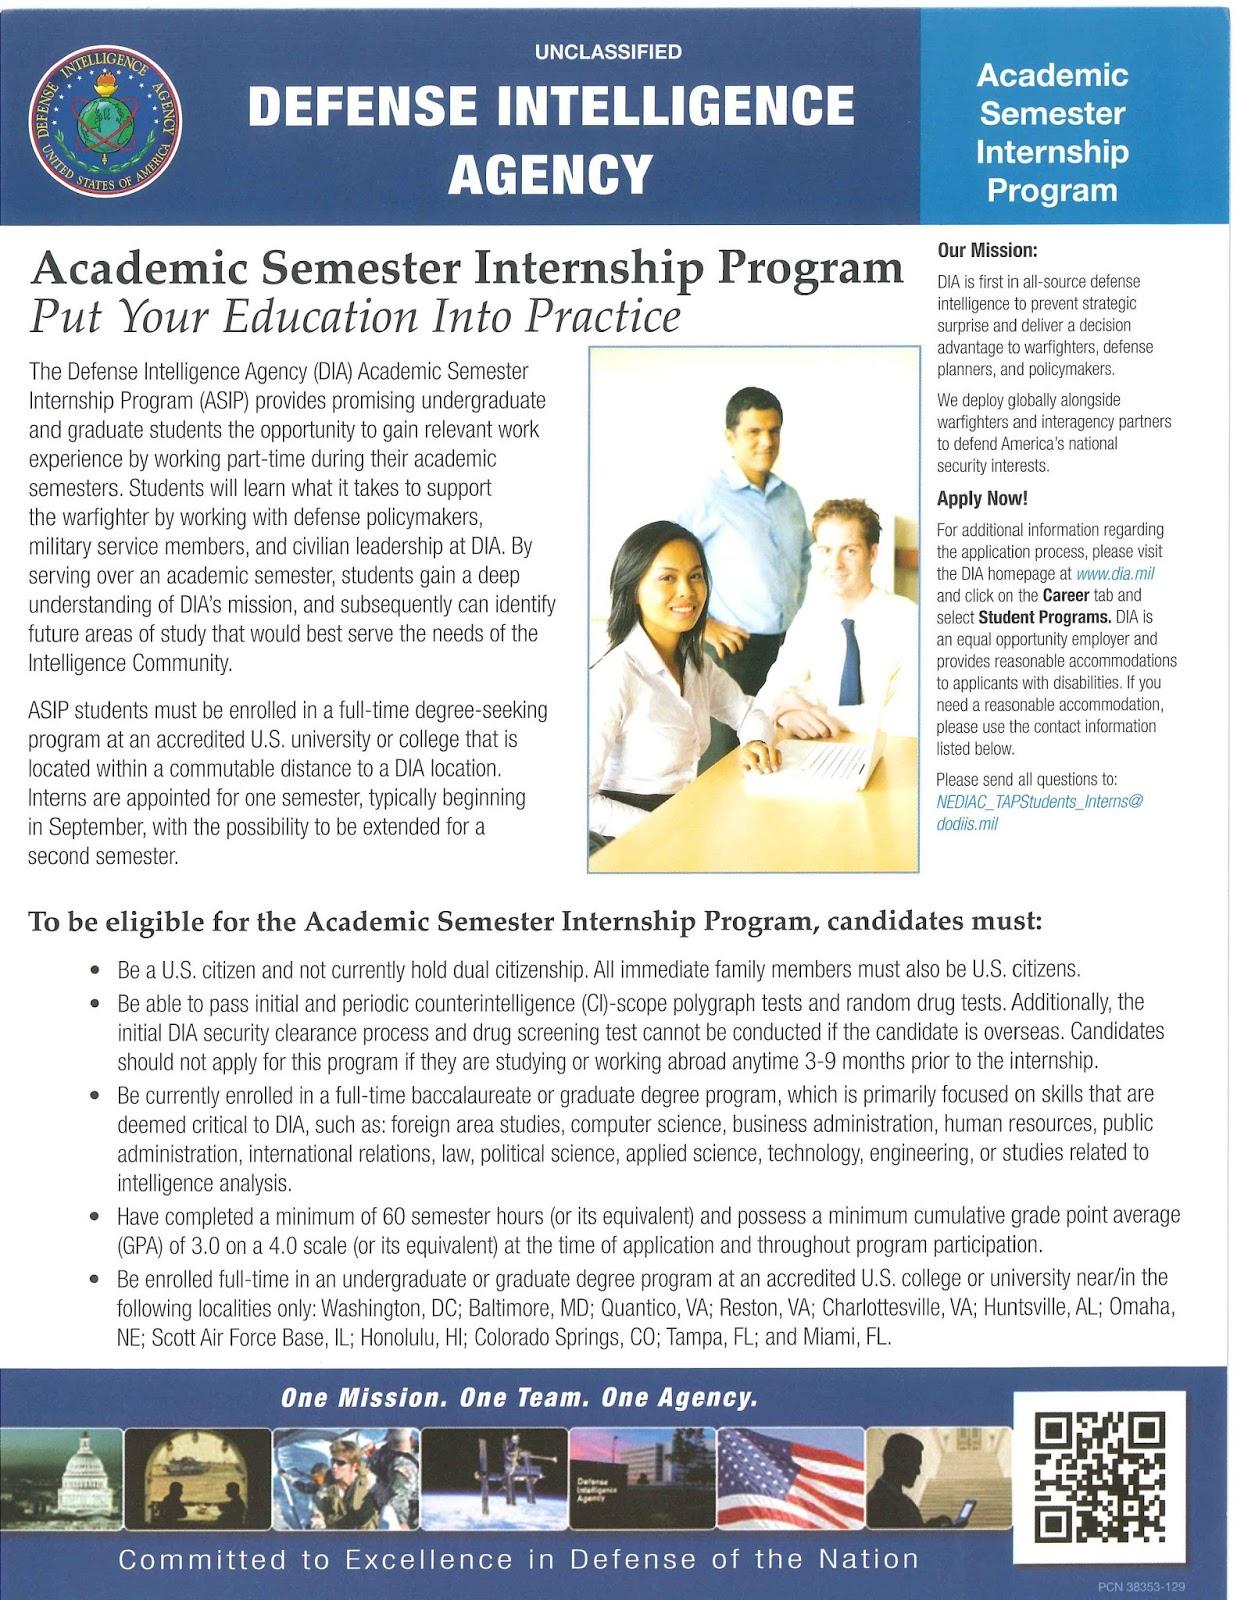 CCJS Undergrad Blog: Defense Intelligence Agency Internship